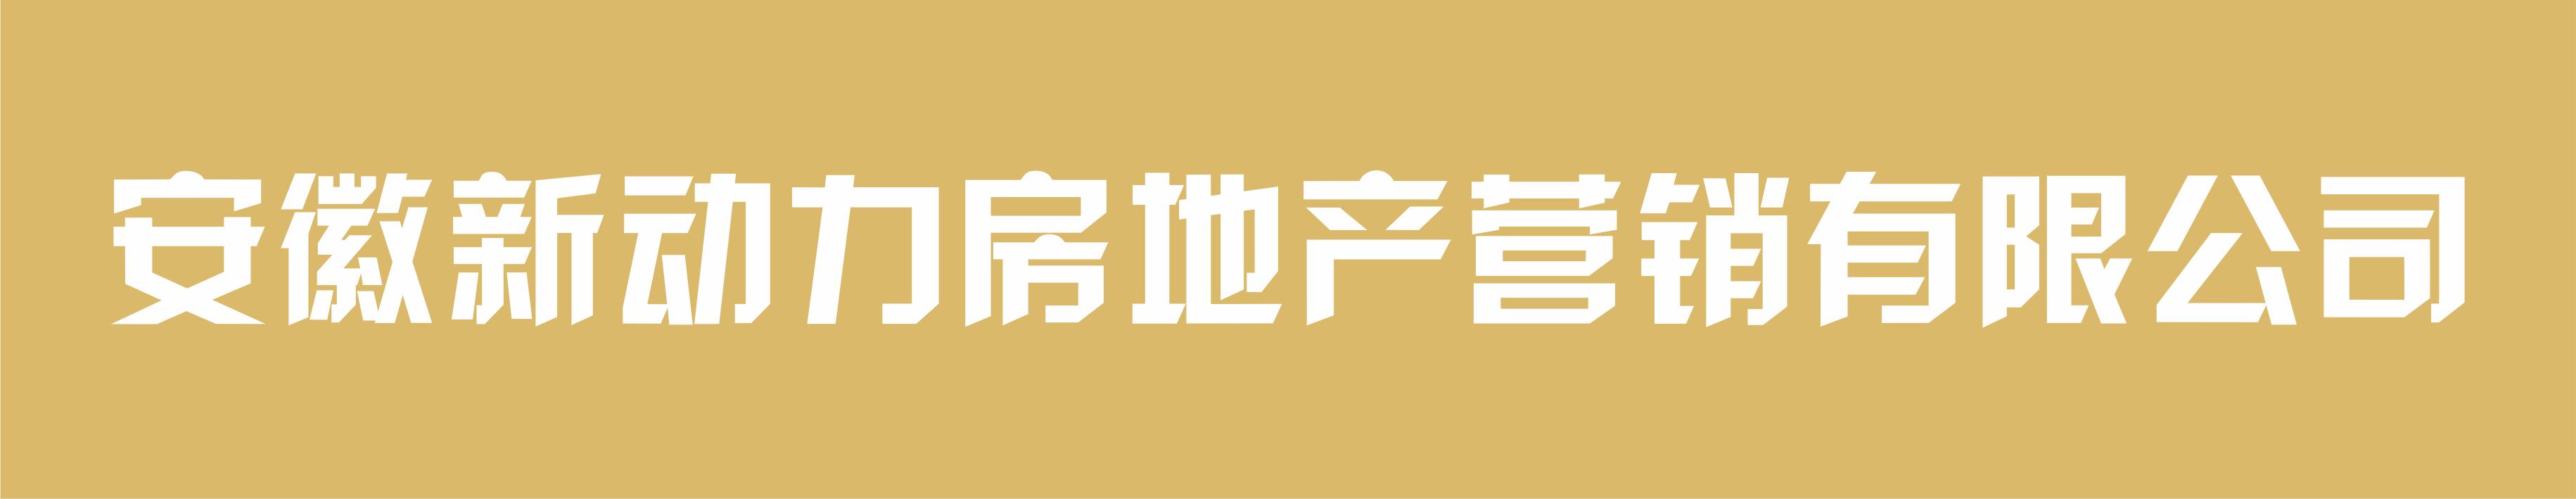 安徽新�恿Ψ康禺a�I�N有限公司